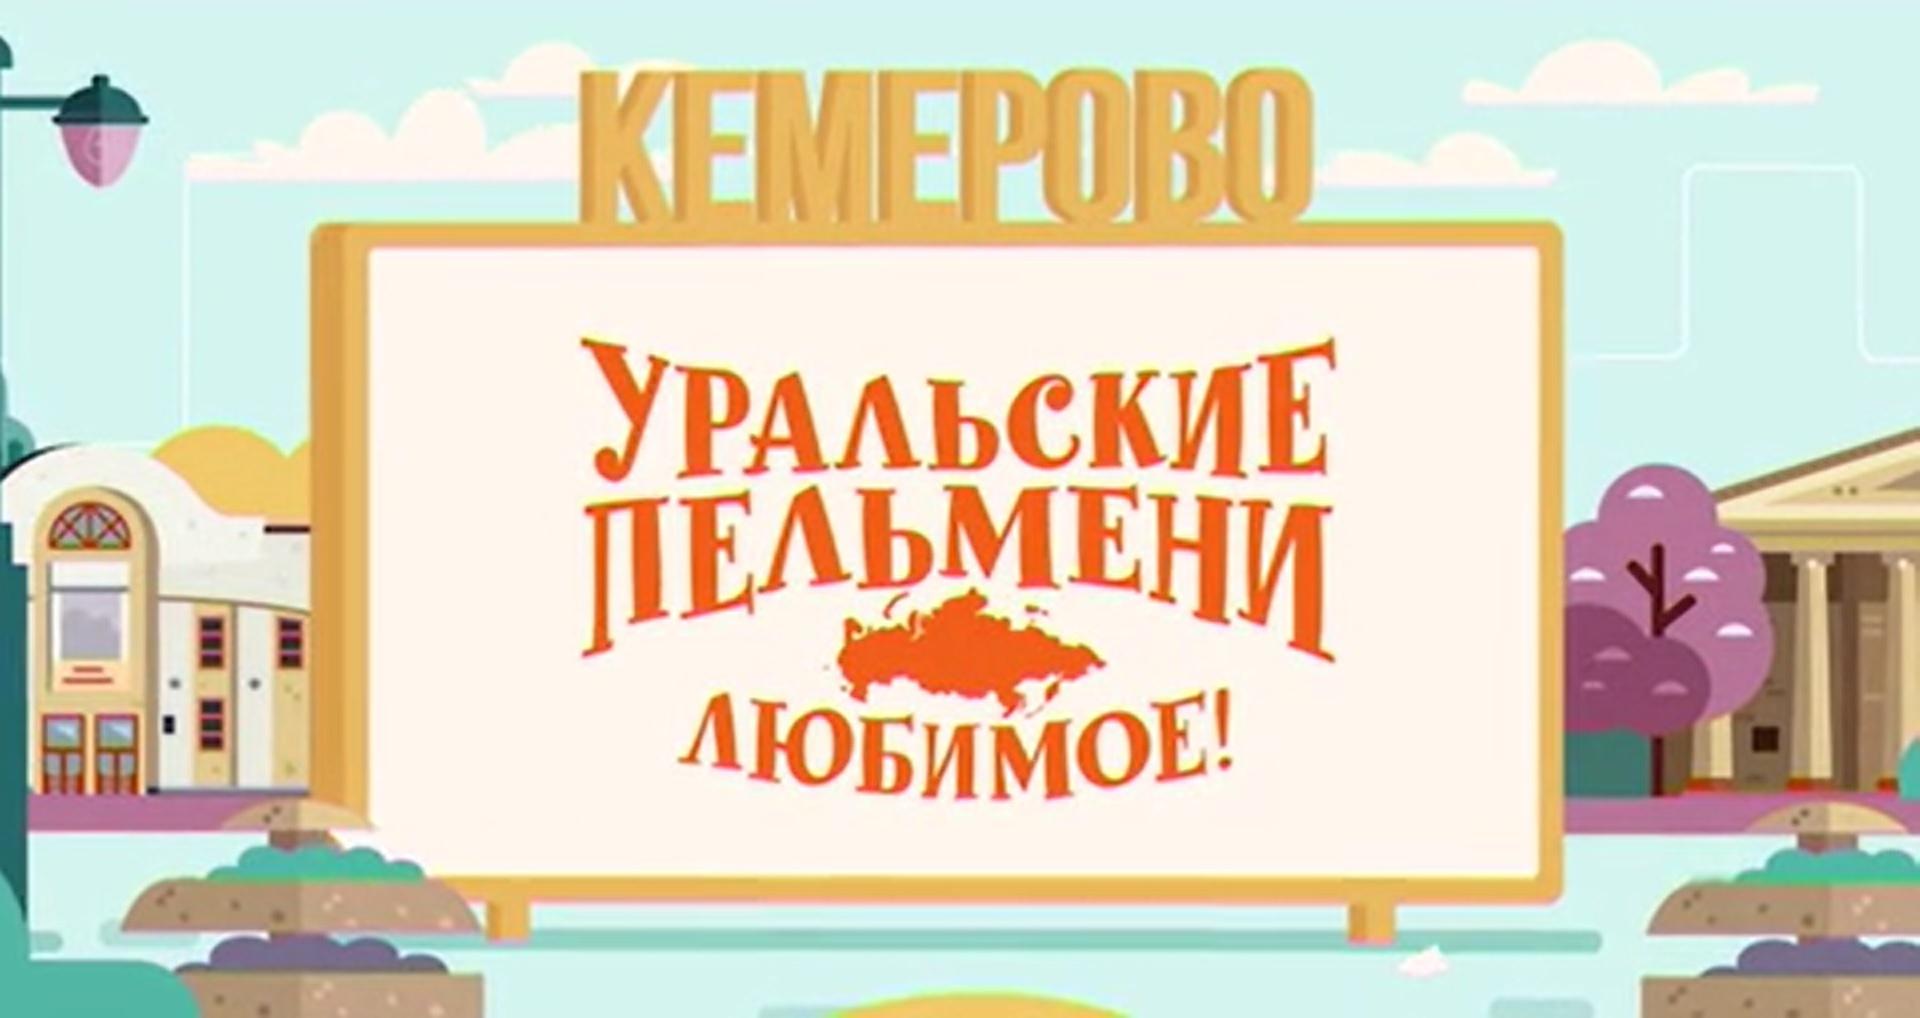 Уральские пельмени. Любимое. Кемерово